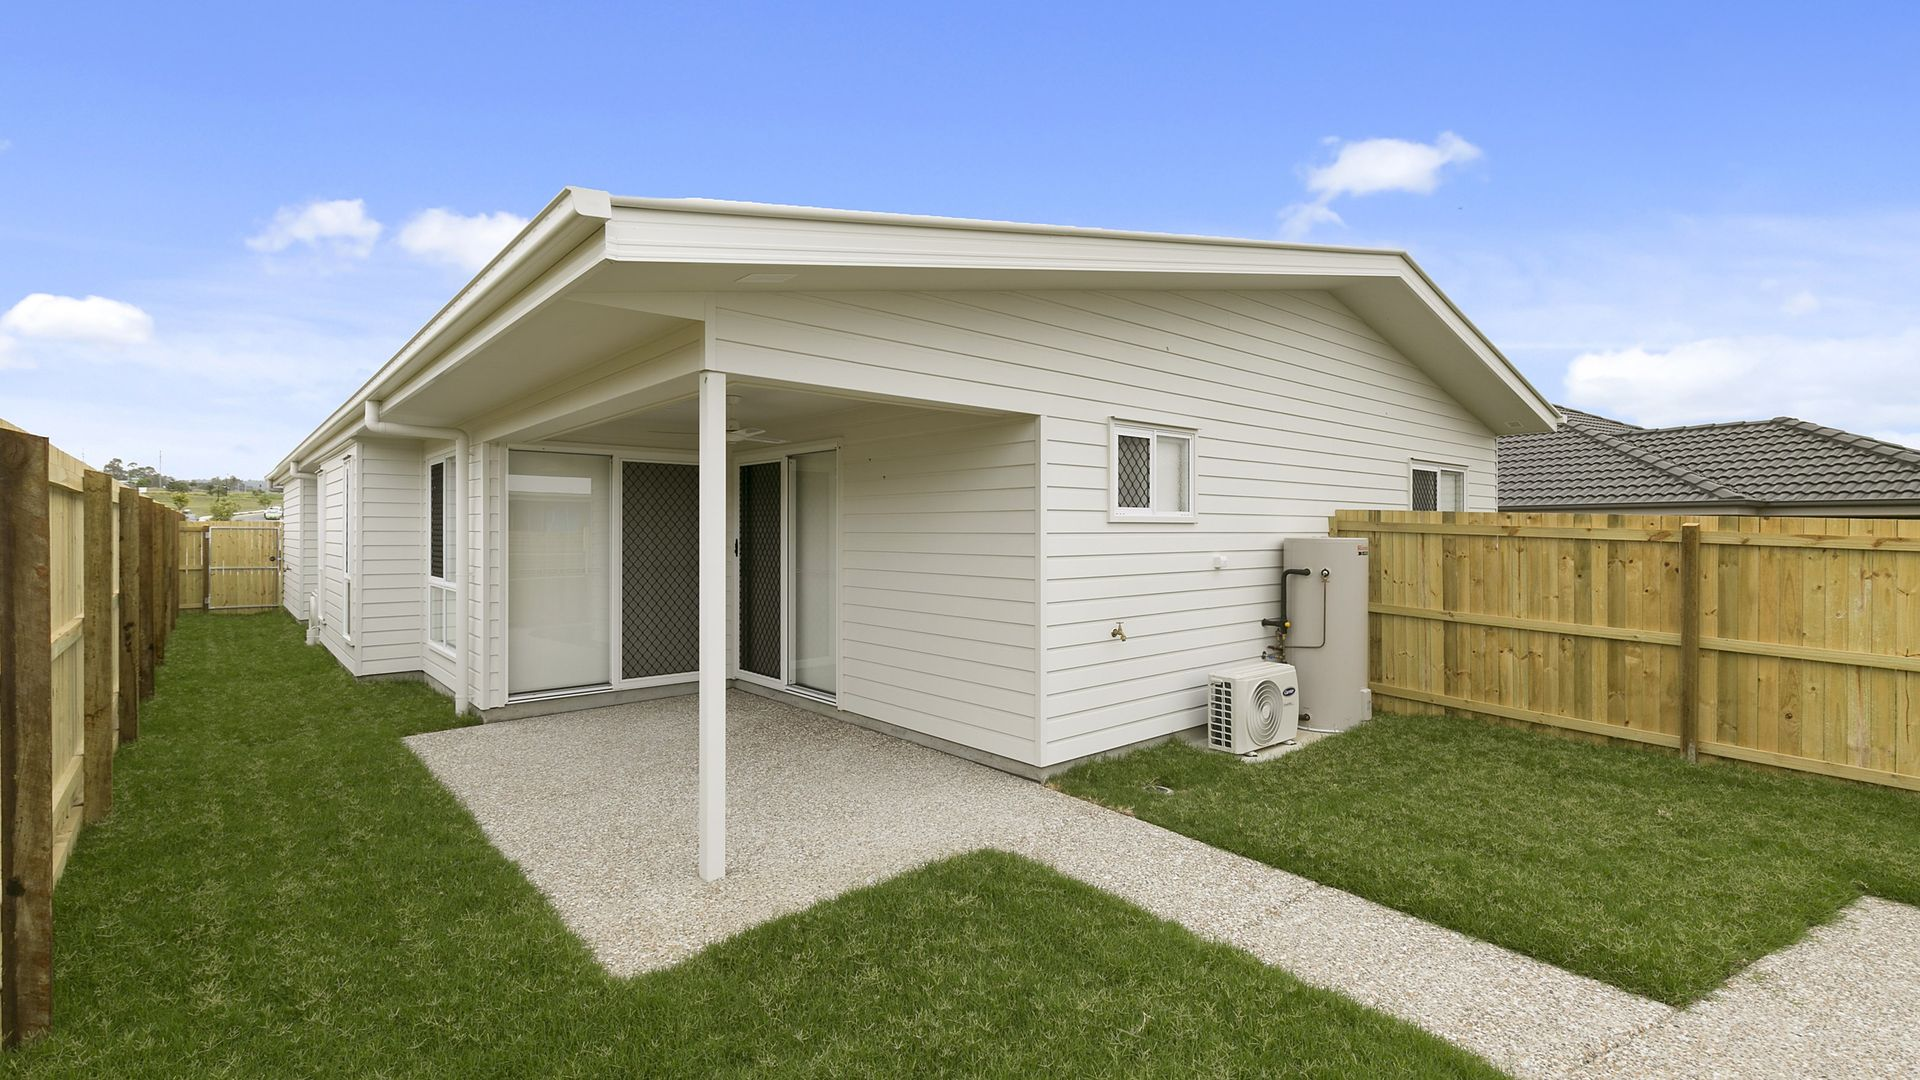 1/21 Juxgold Avenue, Collingwood Park QLD 4301, Image 5